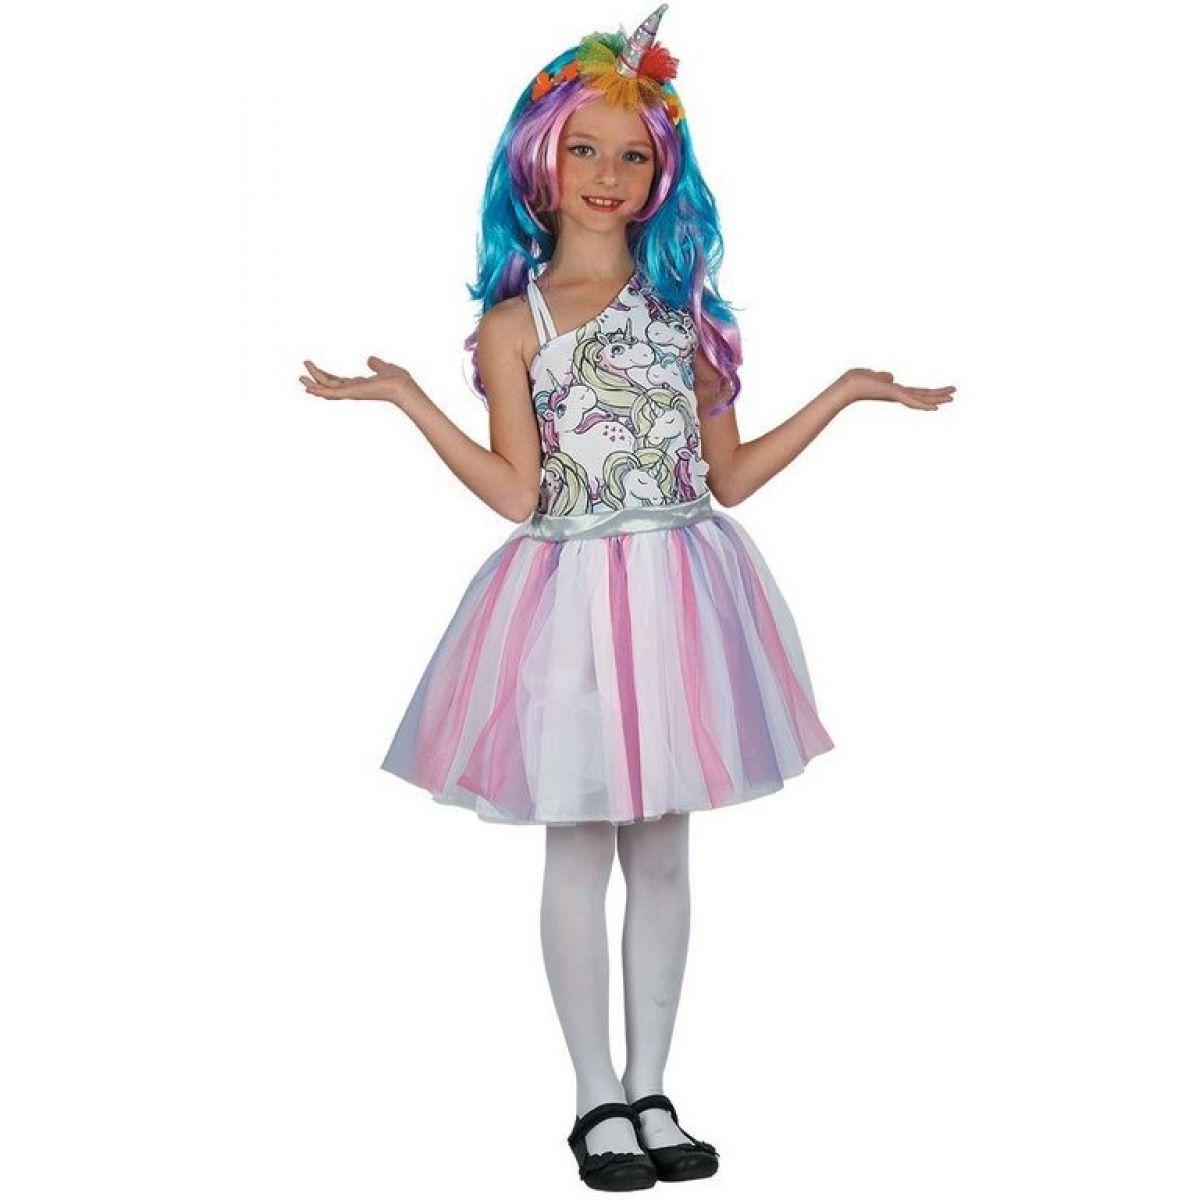 Dětské šaty na karneval jednorožec 130 - 140 cm